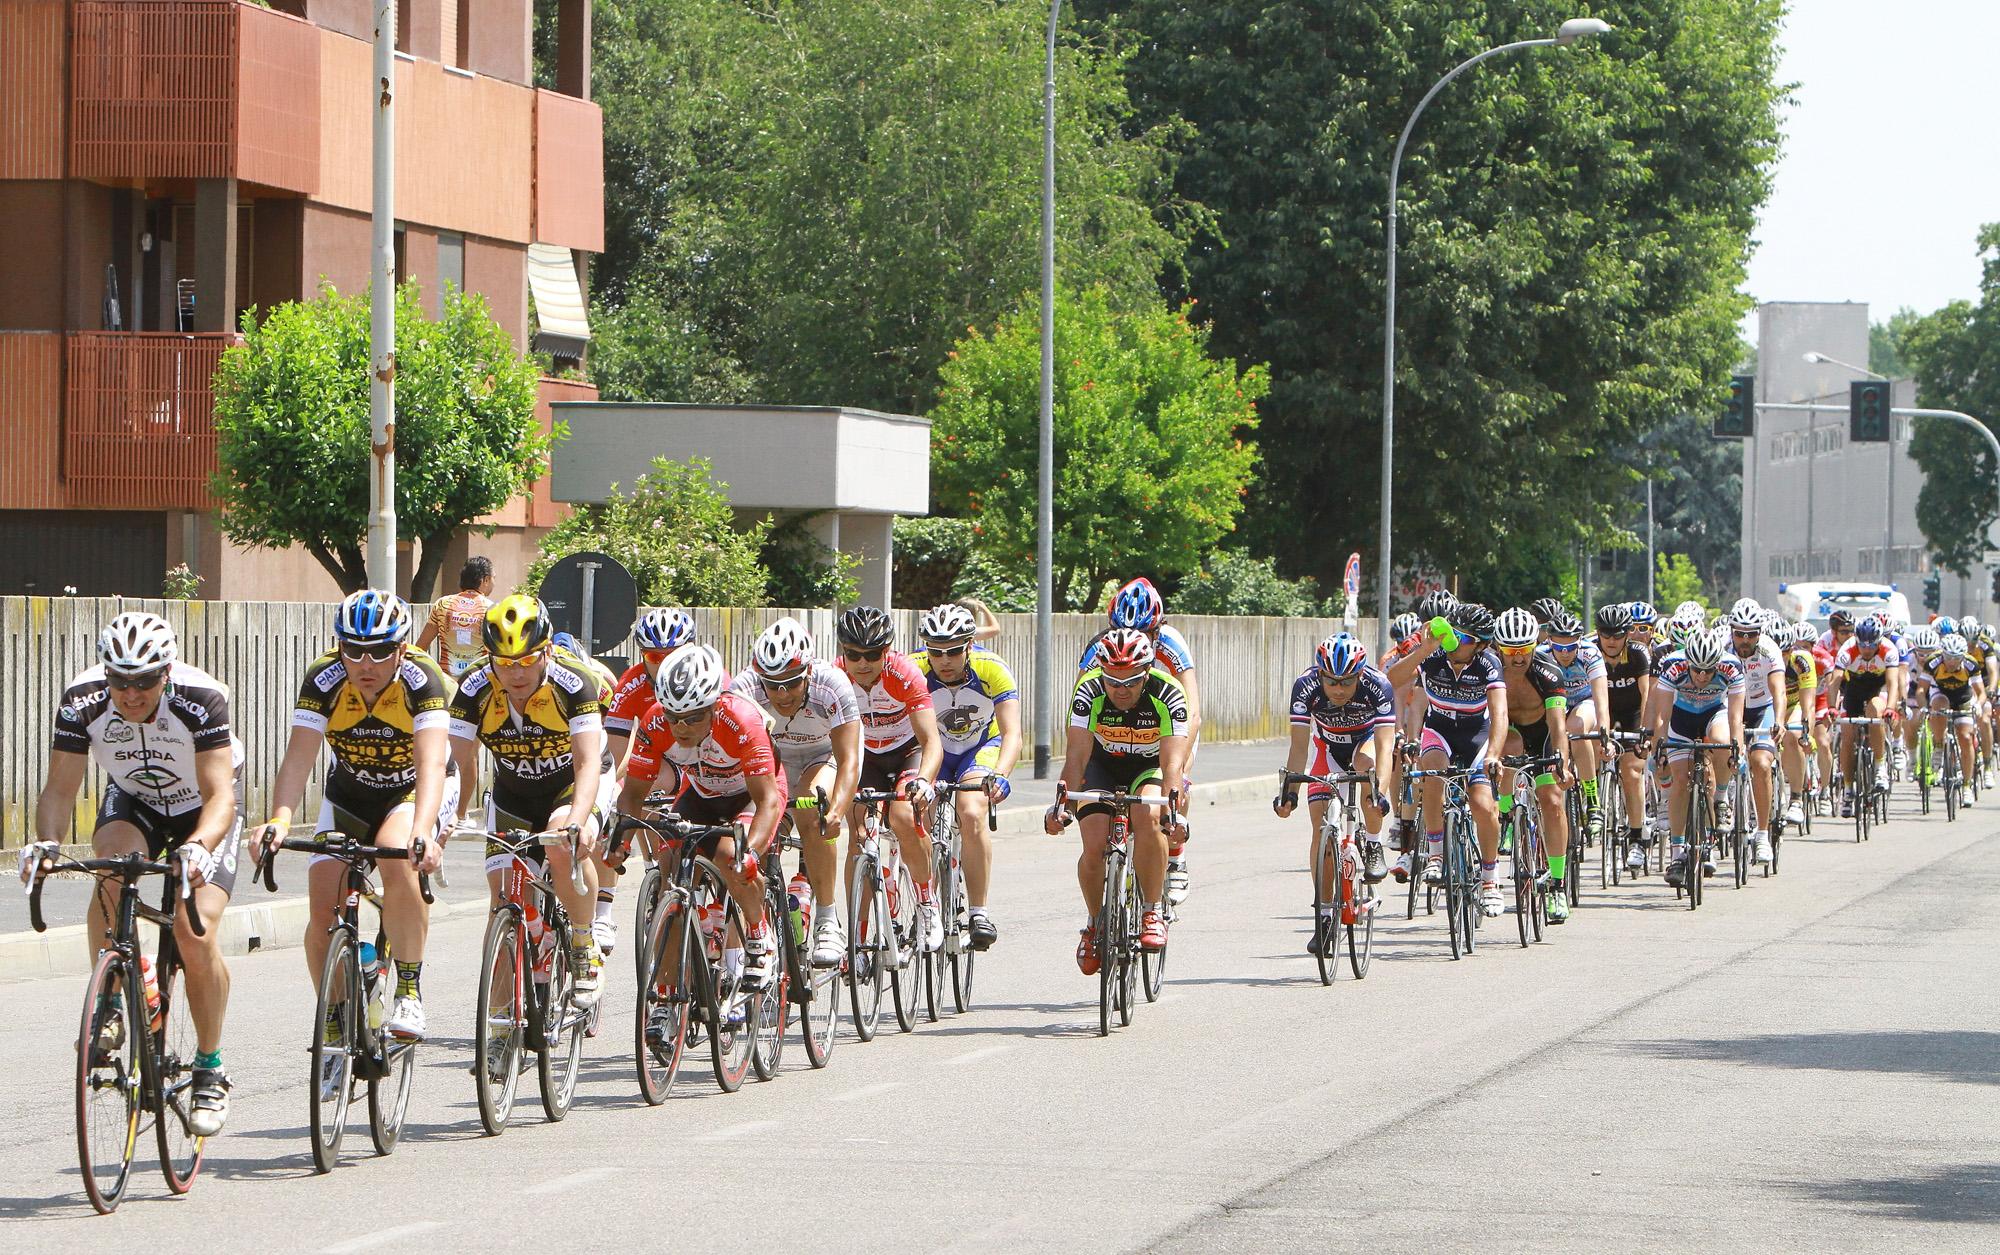 A Gaggiano il campionato provinciale di ciclismo 2013